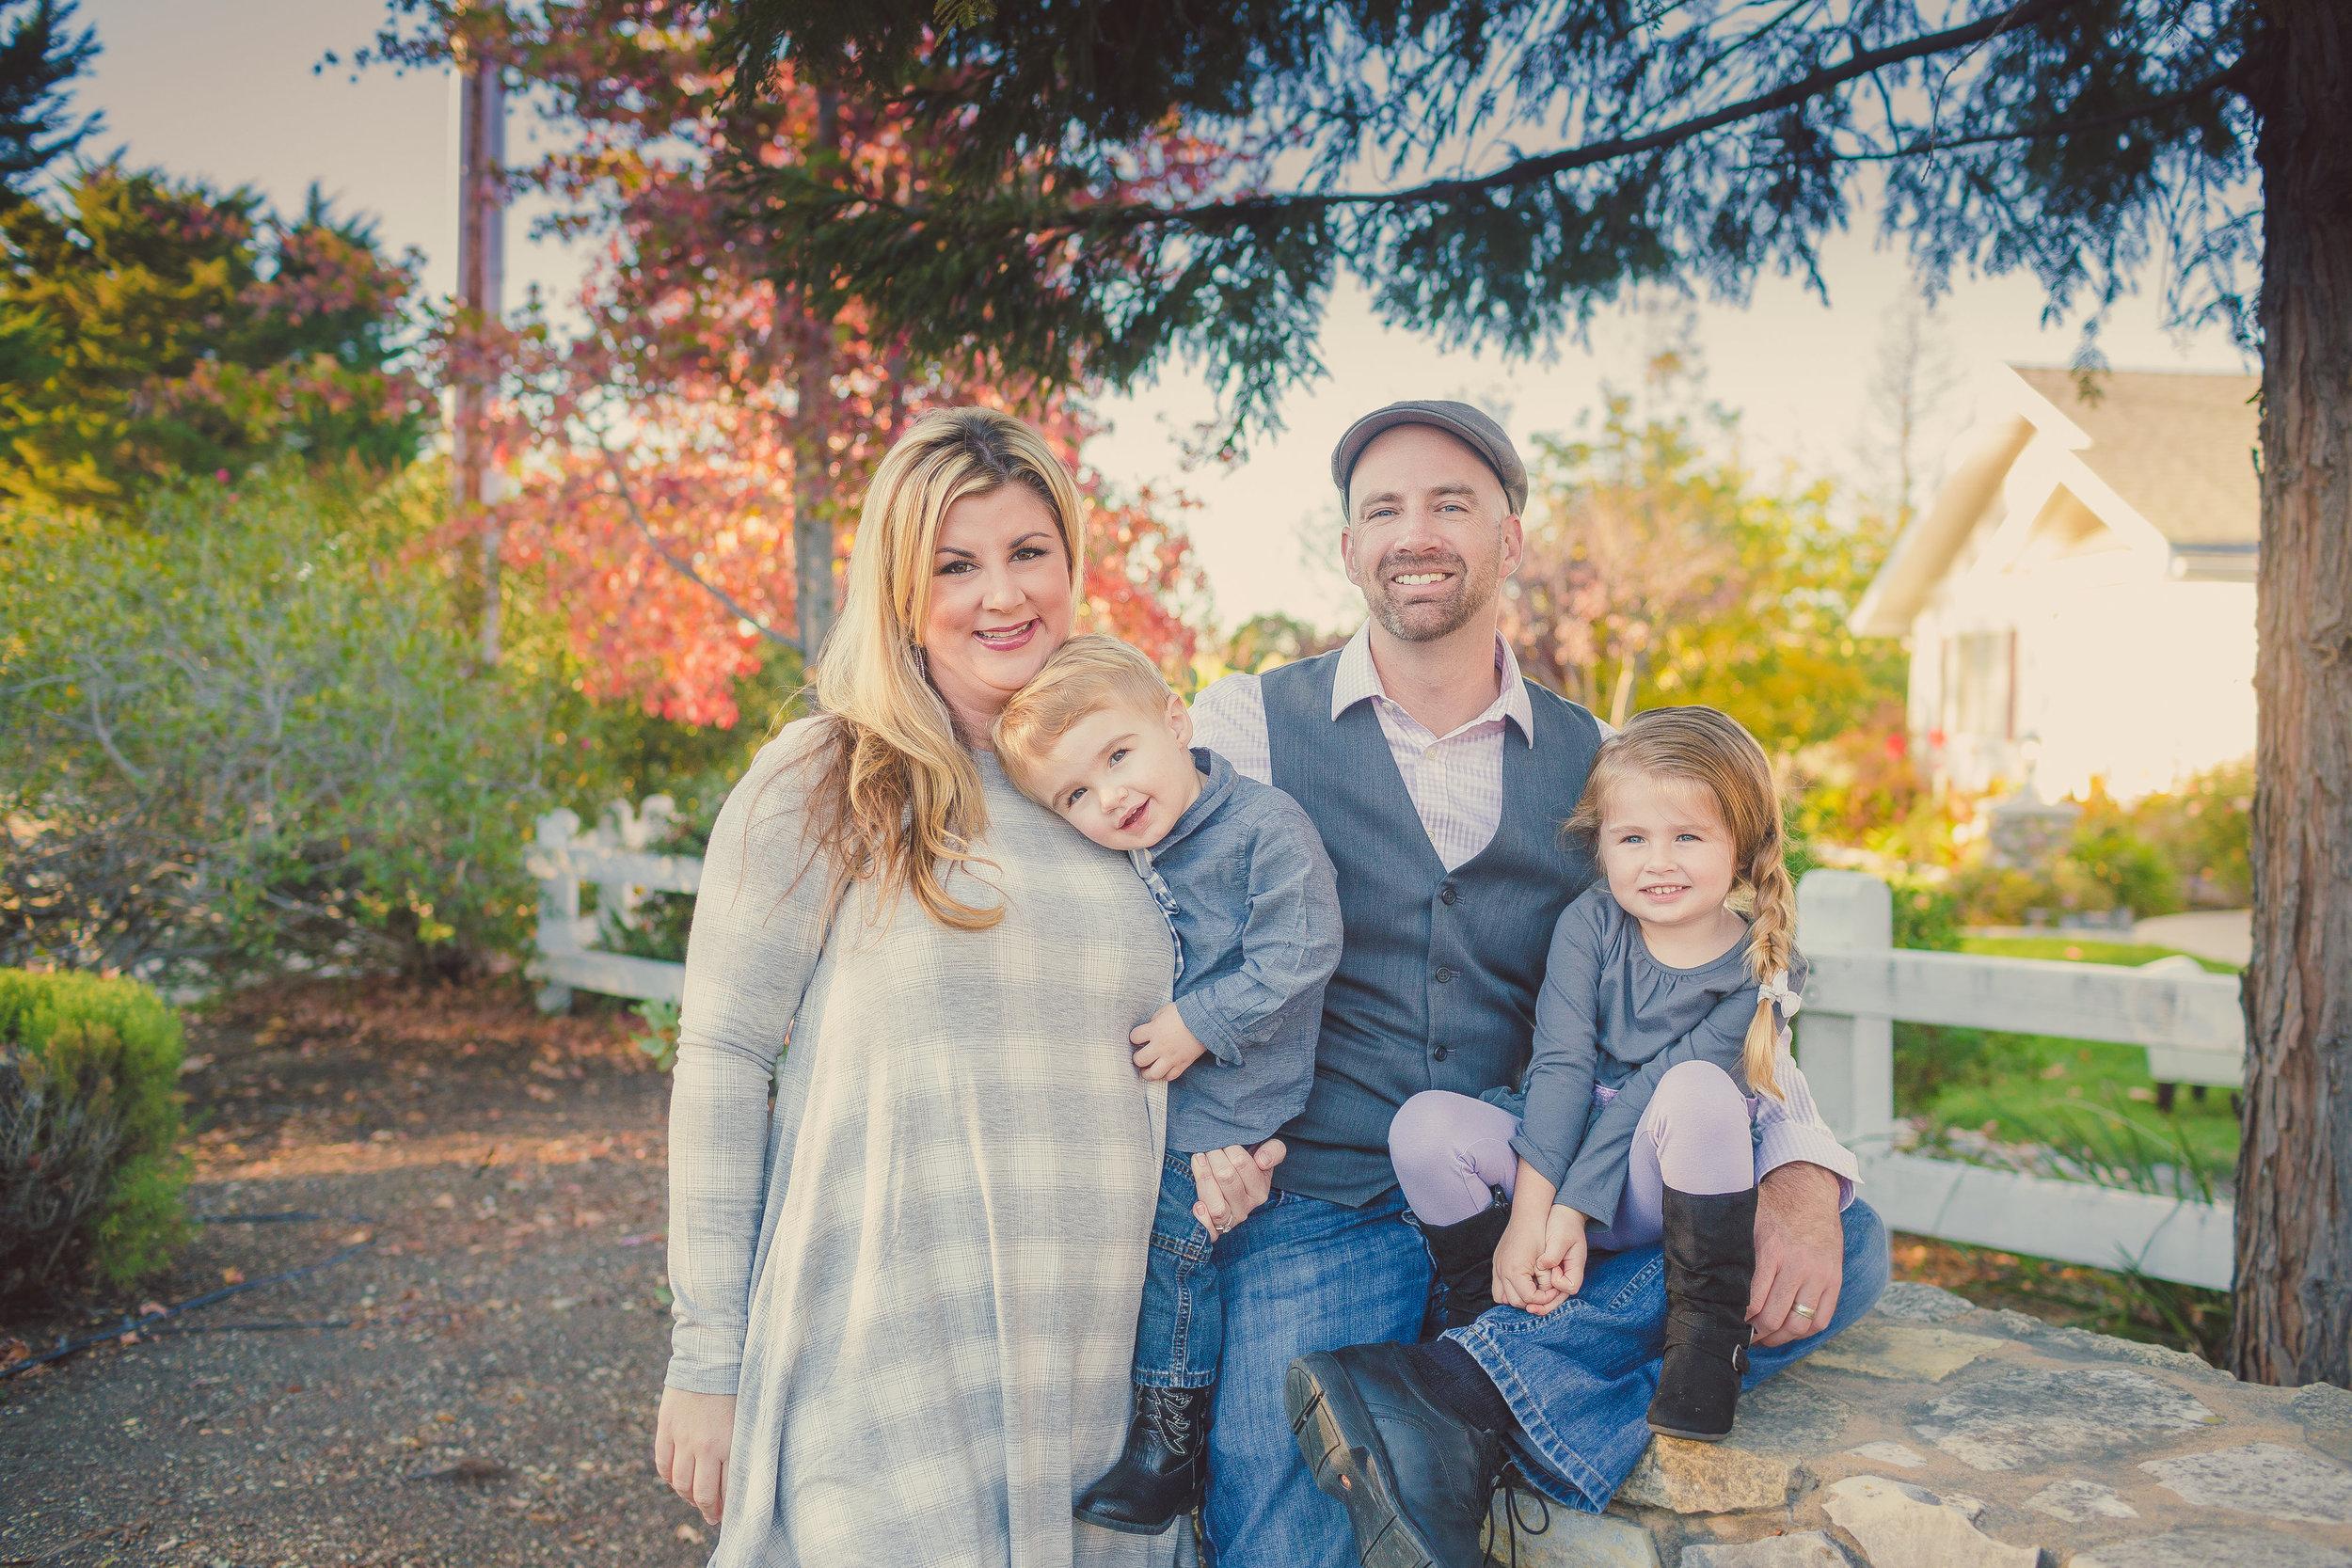 Family Portrait Session, San Luis Obispo, CA / Private Home